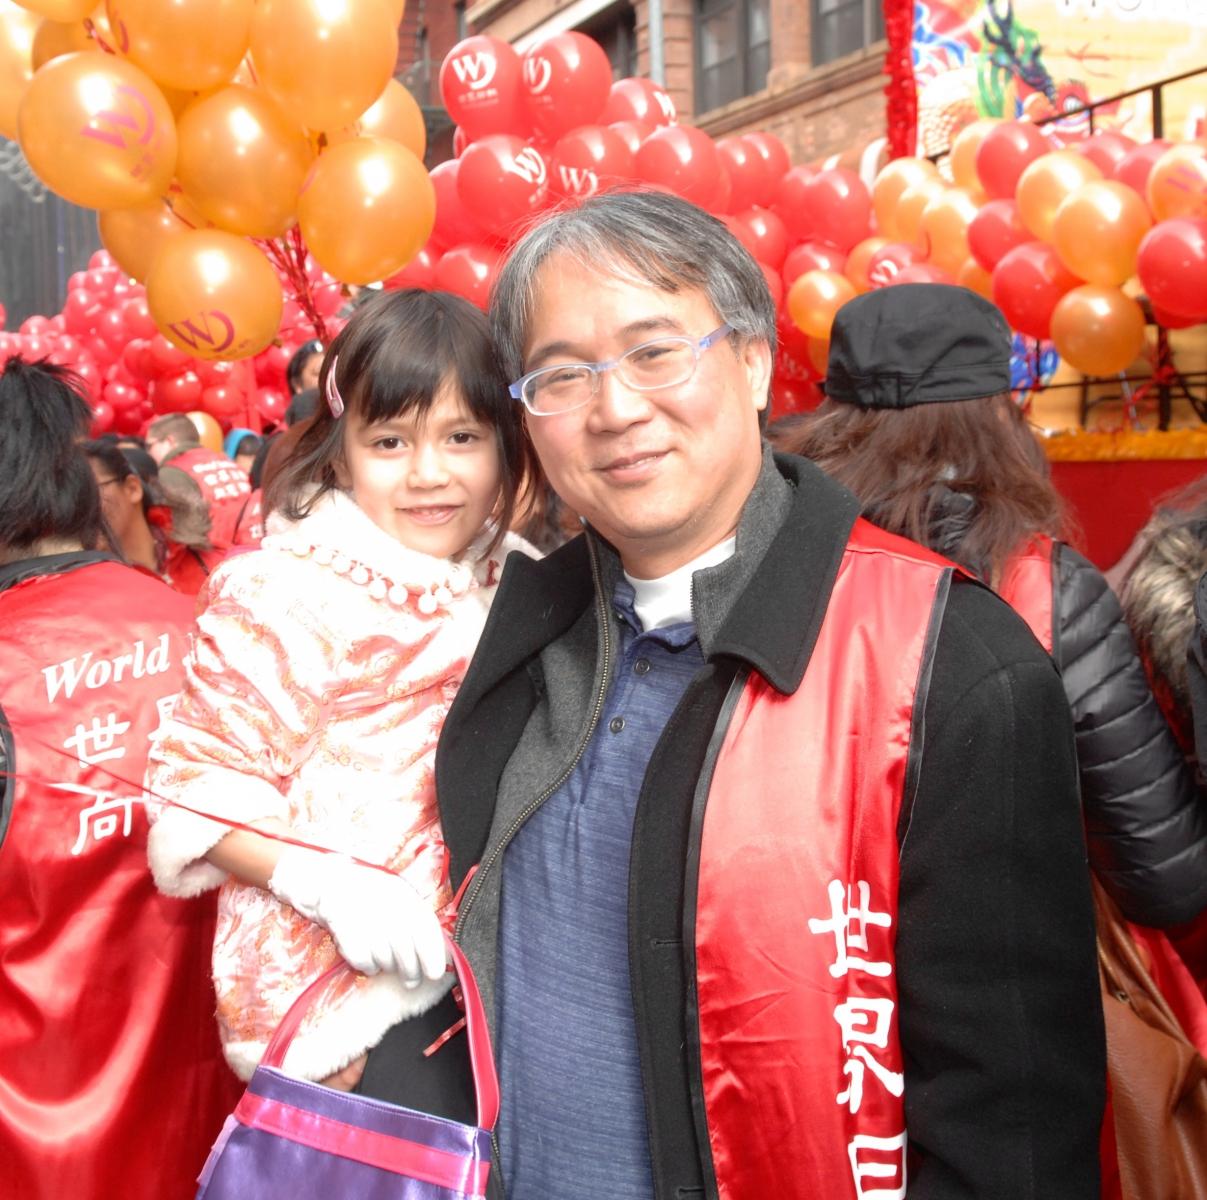 龍行華埠_图1-11